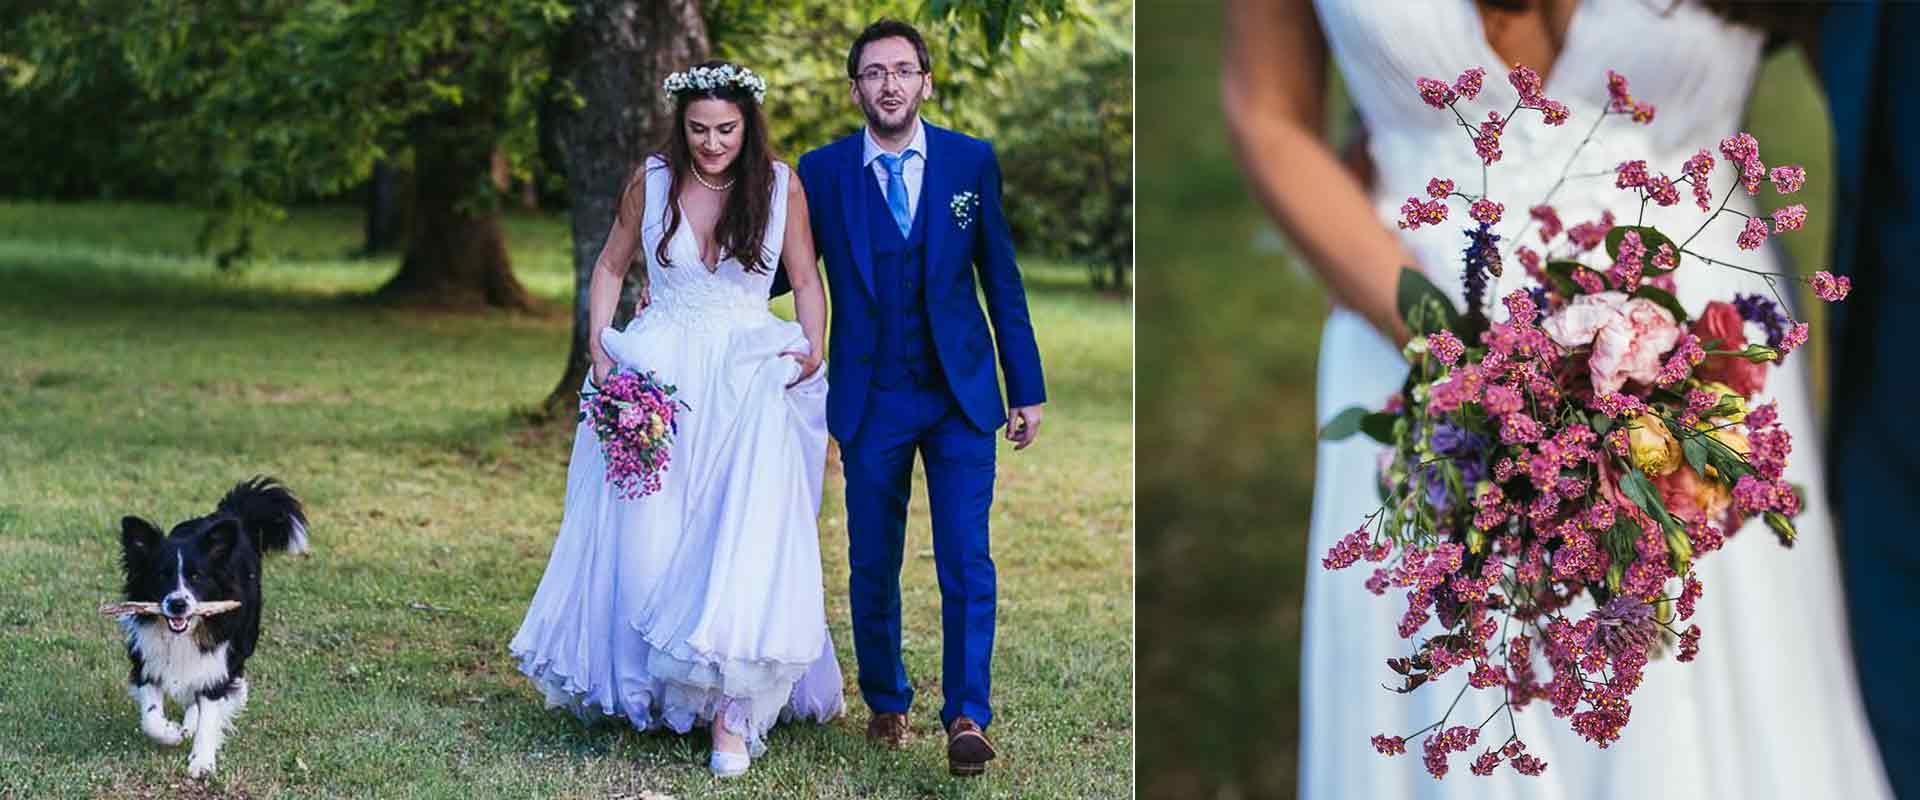 Auguri Matrimonio Rito Civile : Matrimonio nel bosco di castagni con rito civile i